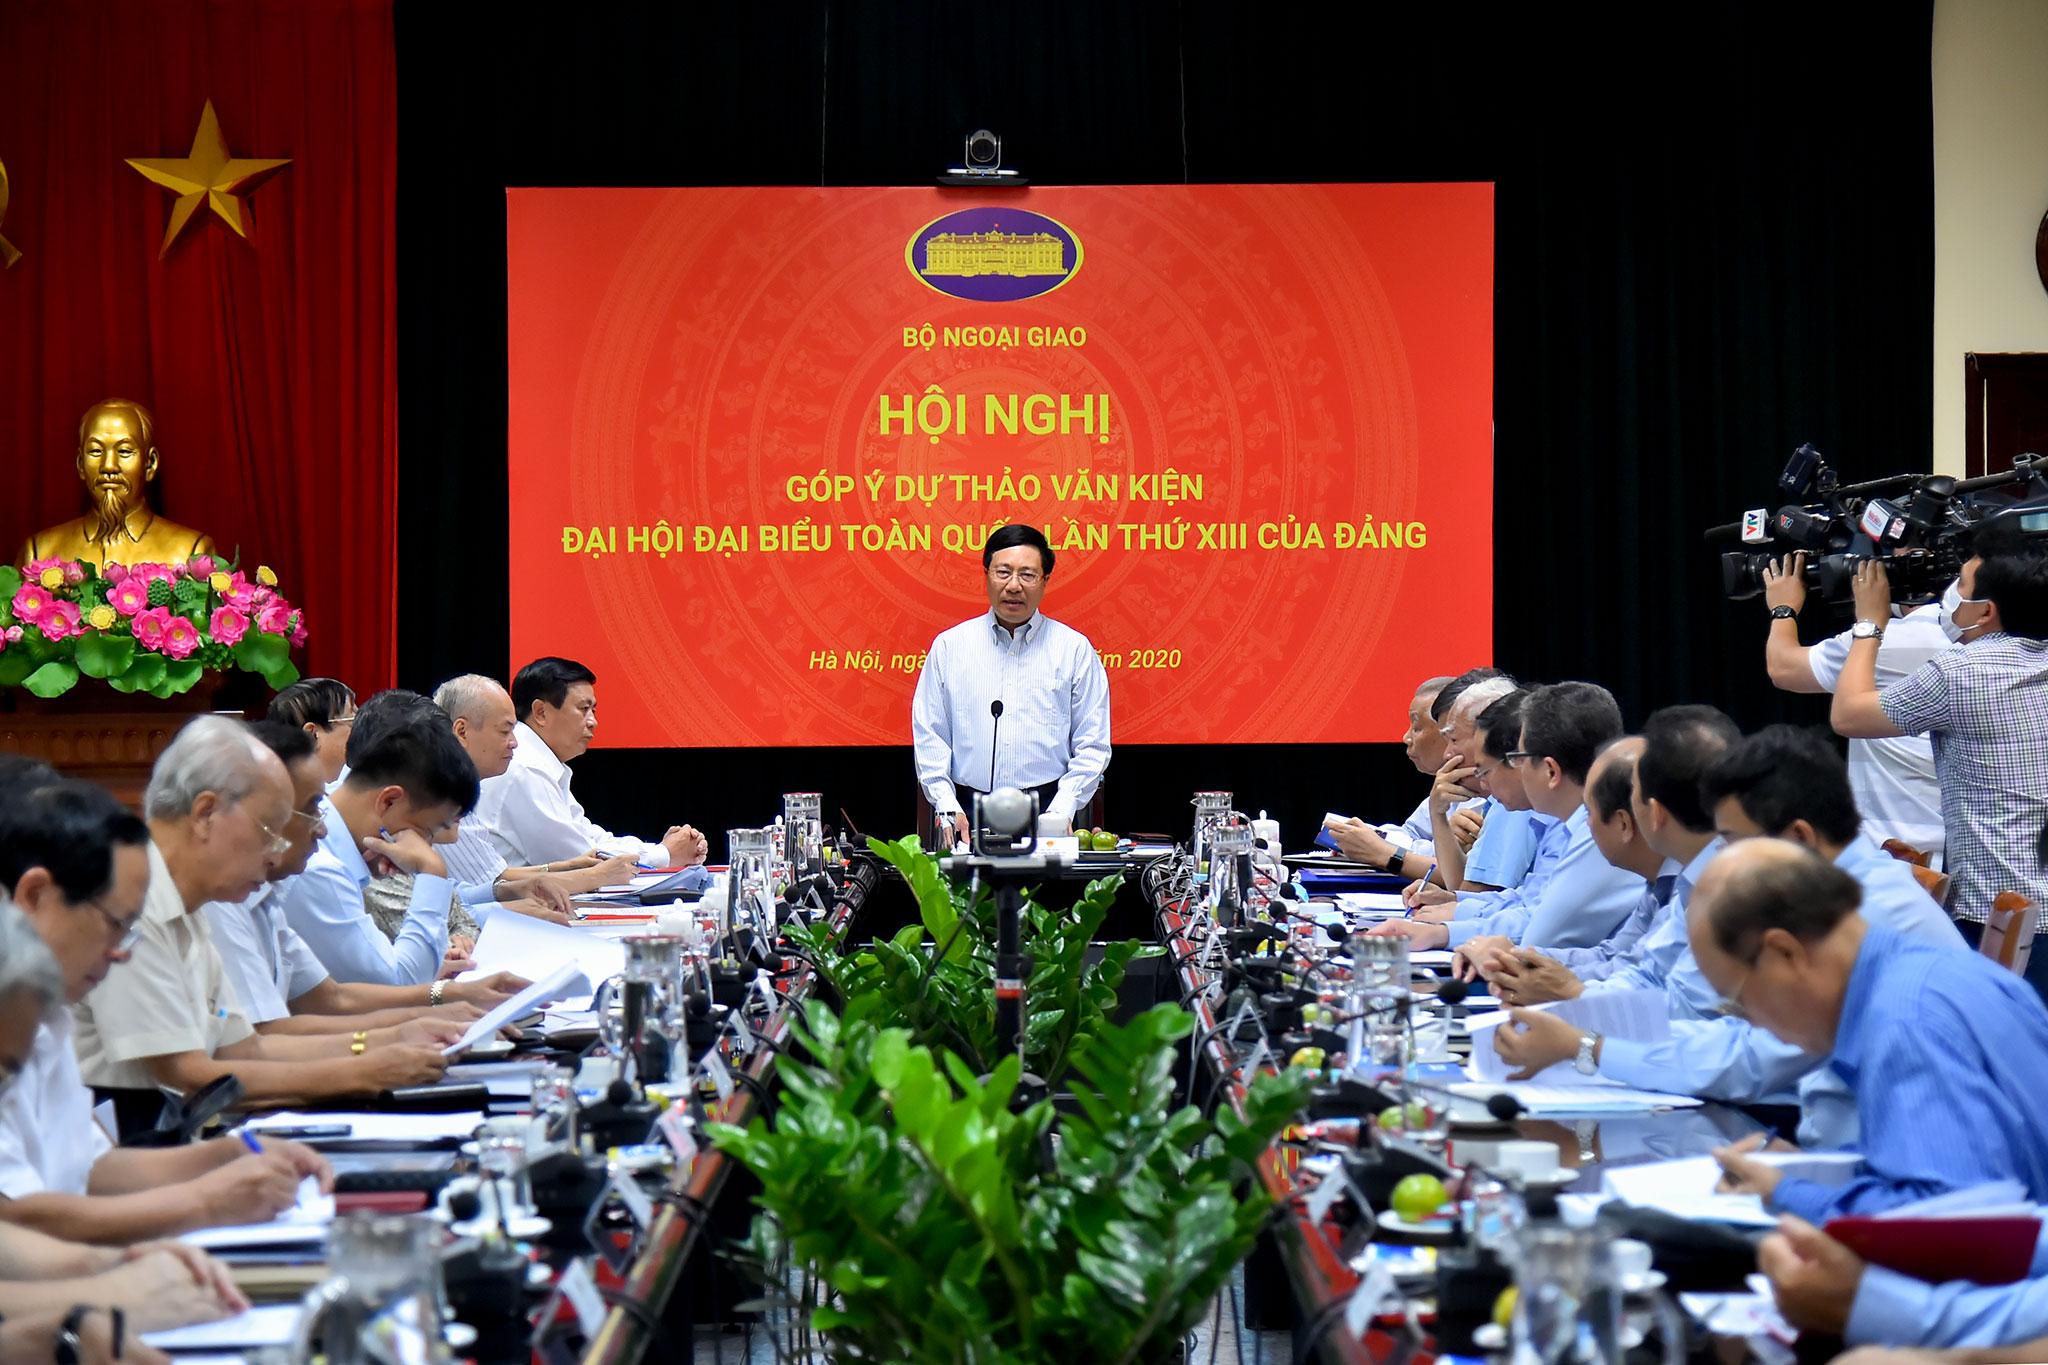 Bộ Ngoại giao góp ý dự thảo văn kiện Đại hội đại biểu toàn quốc lần thứ XIII của Đảng